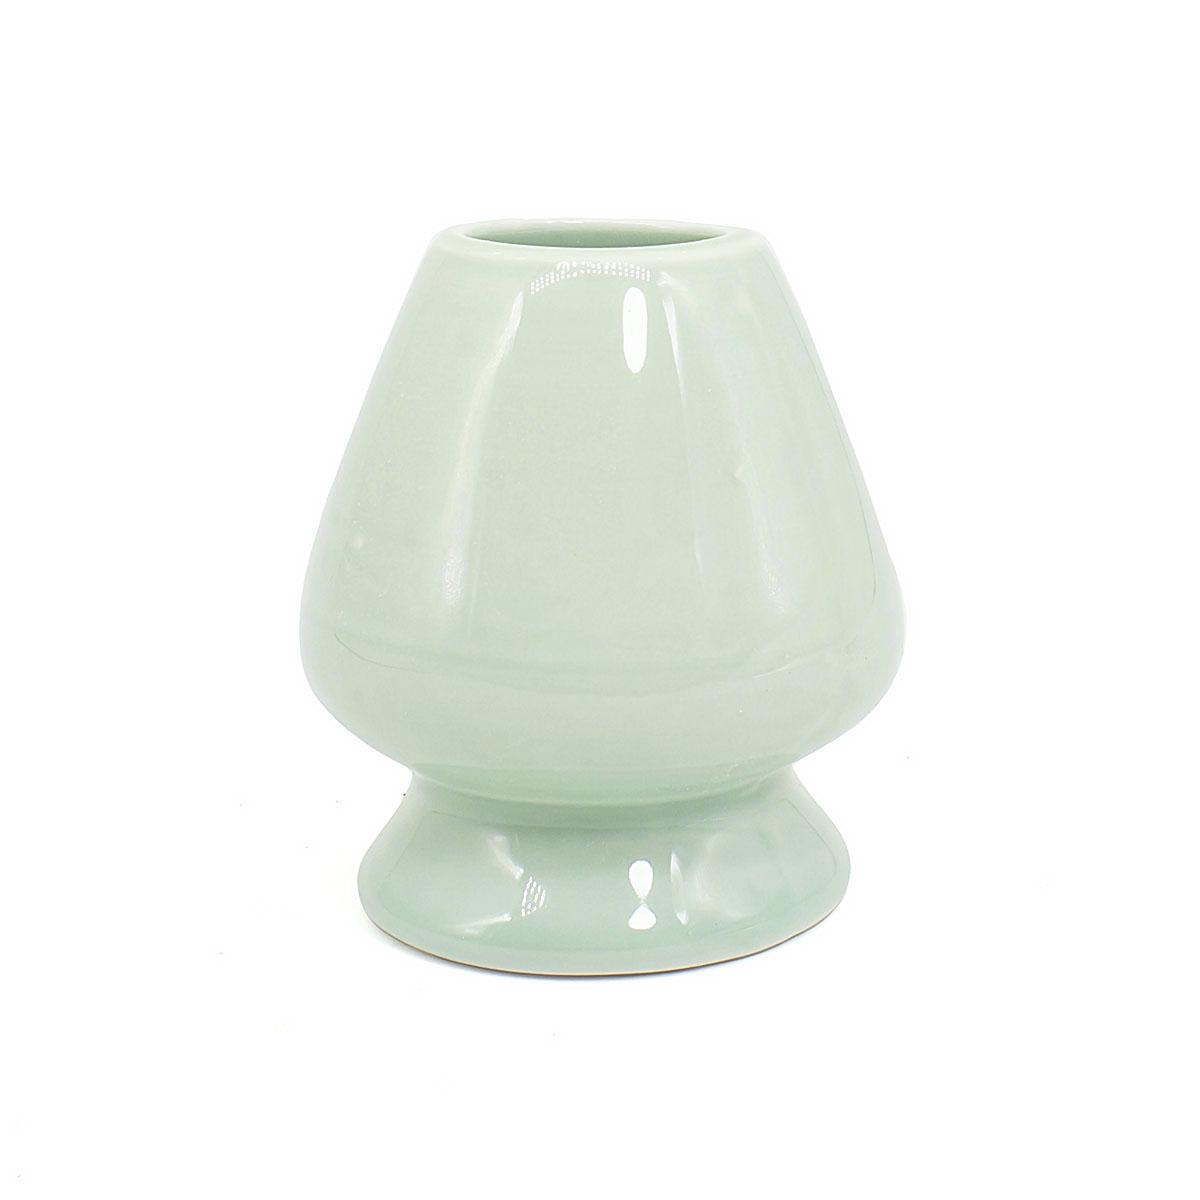 Подставка под венчик для матча мятная, керамическая чаша для матча керамическая сапфировая 500 мл